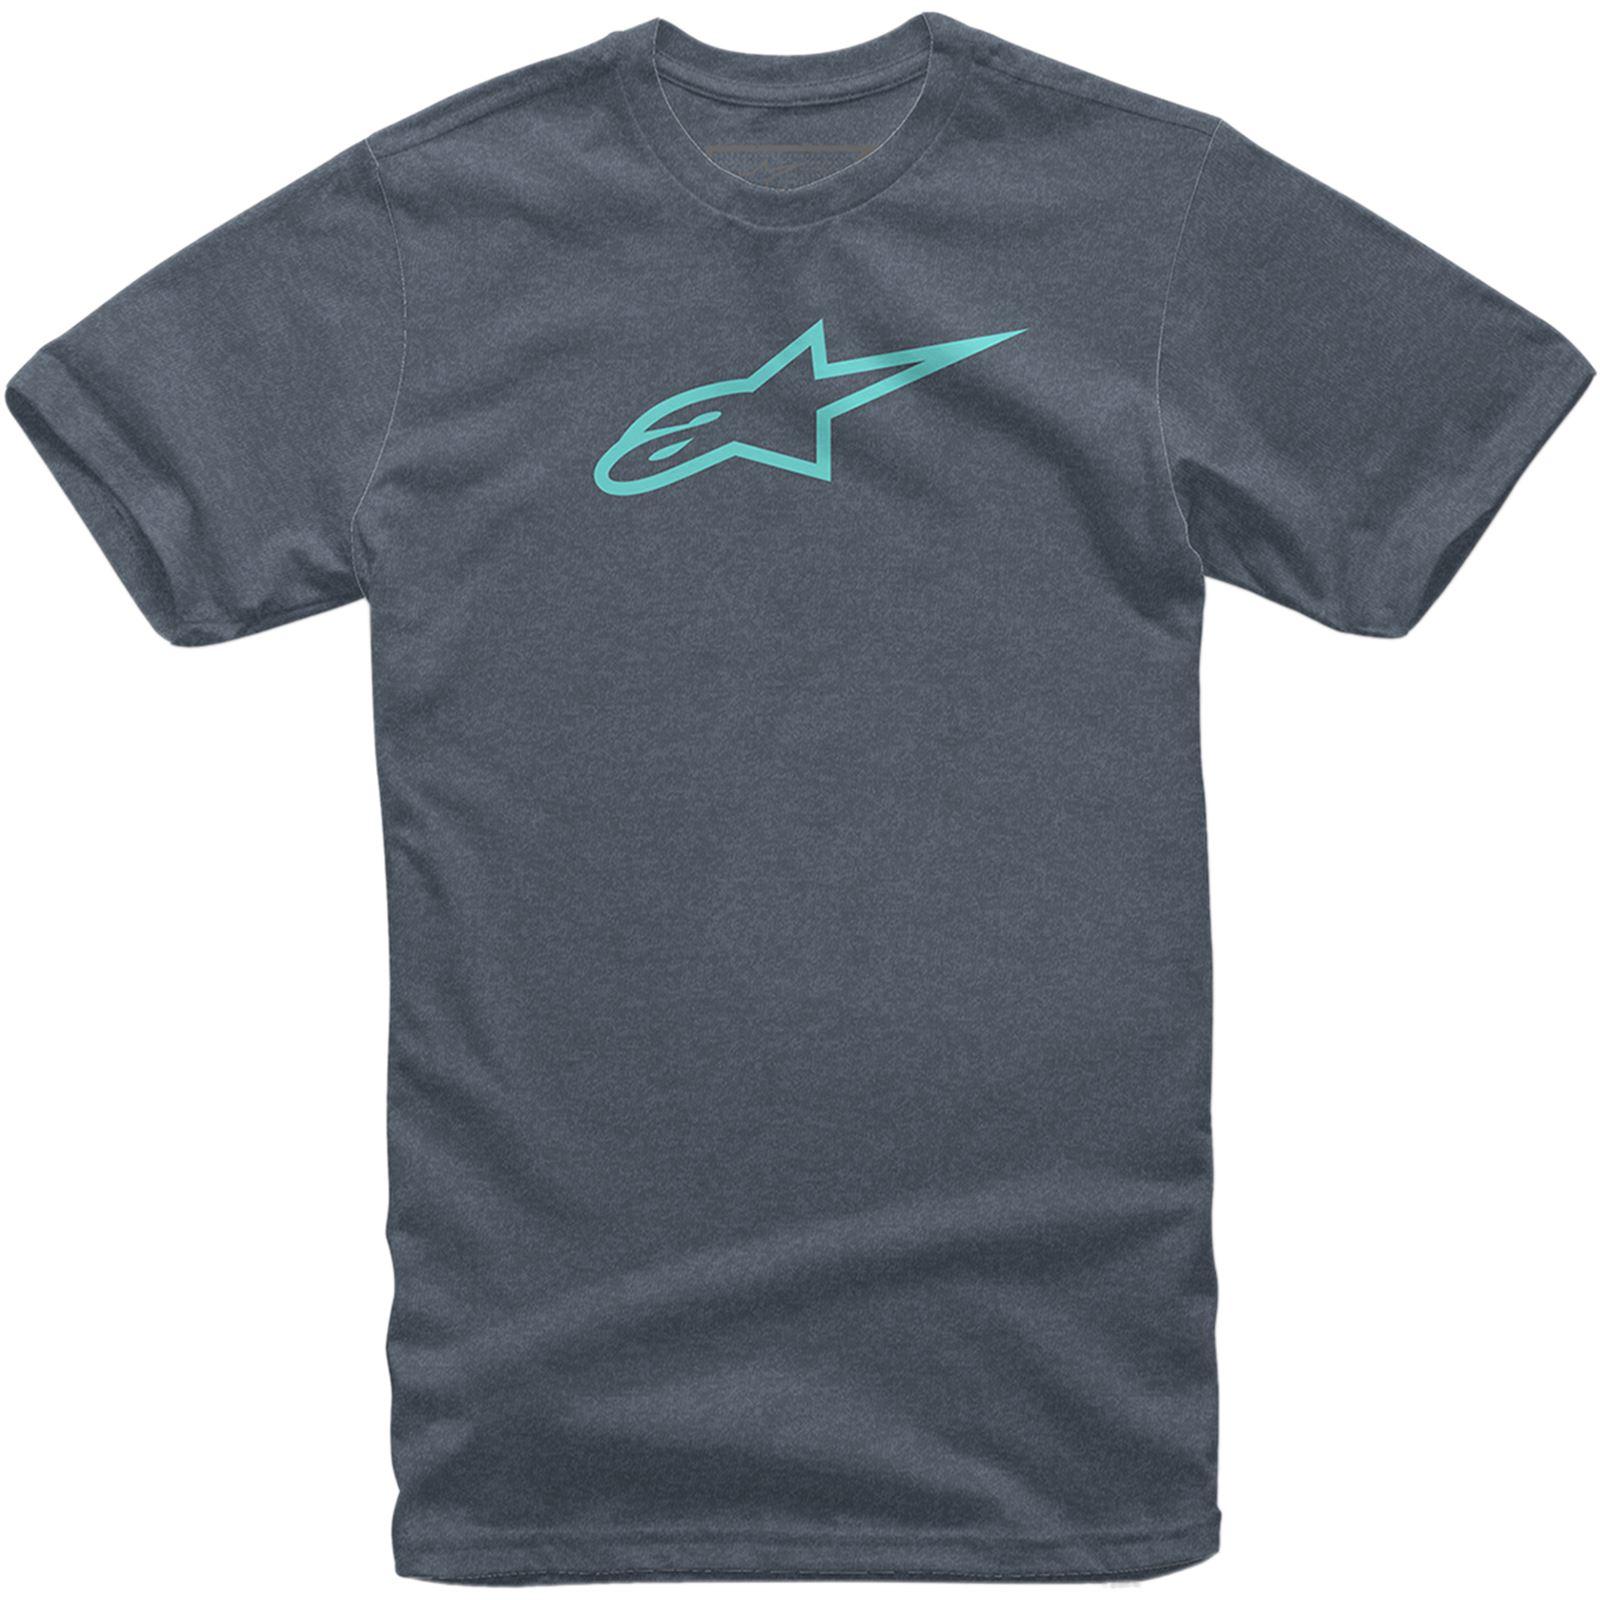 Alpinestars Ageless II T-Shirt - Navy/Turquoise - Medium